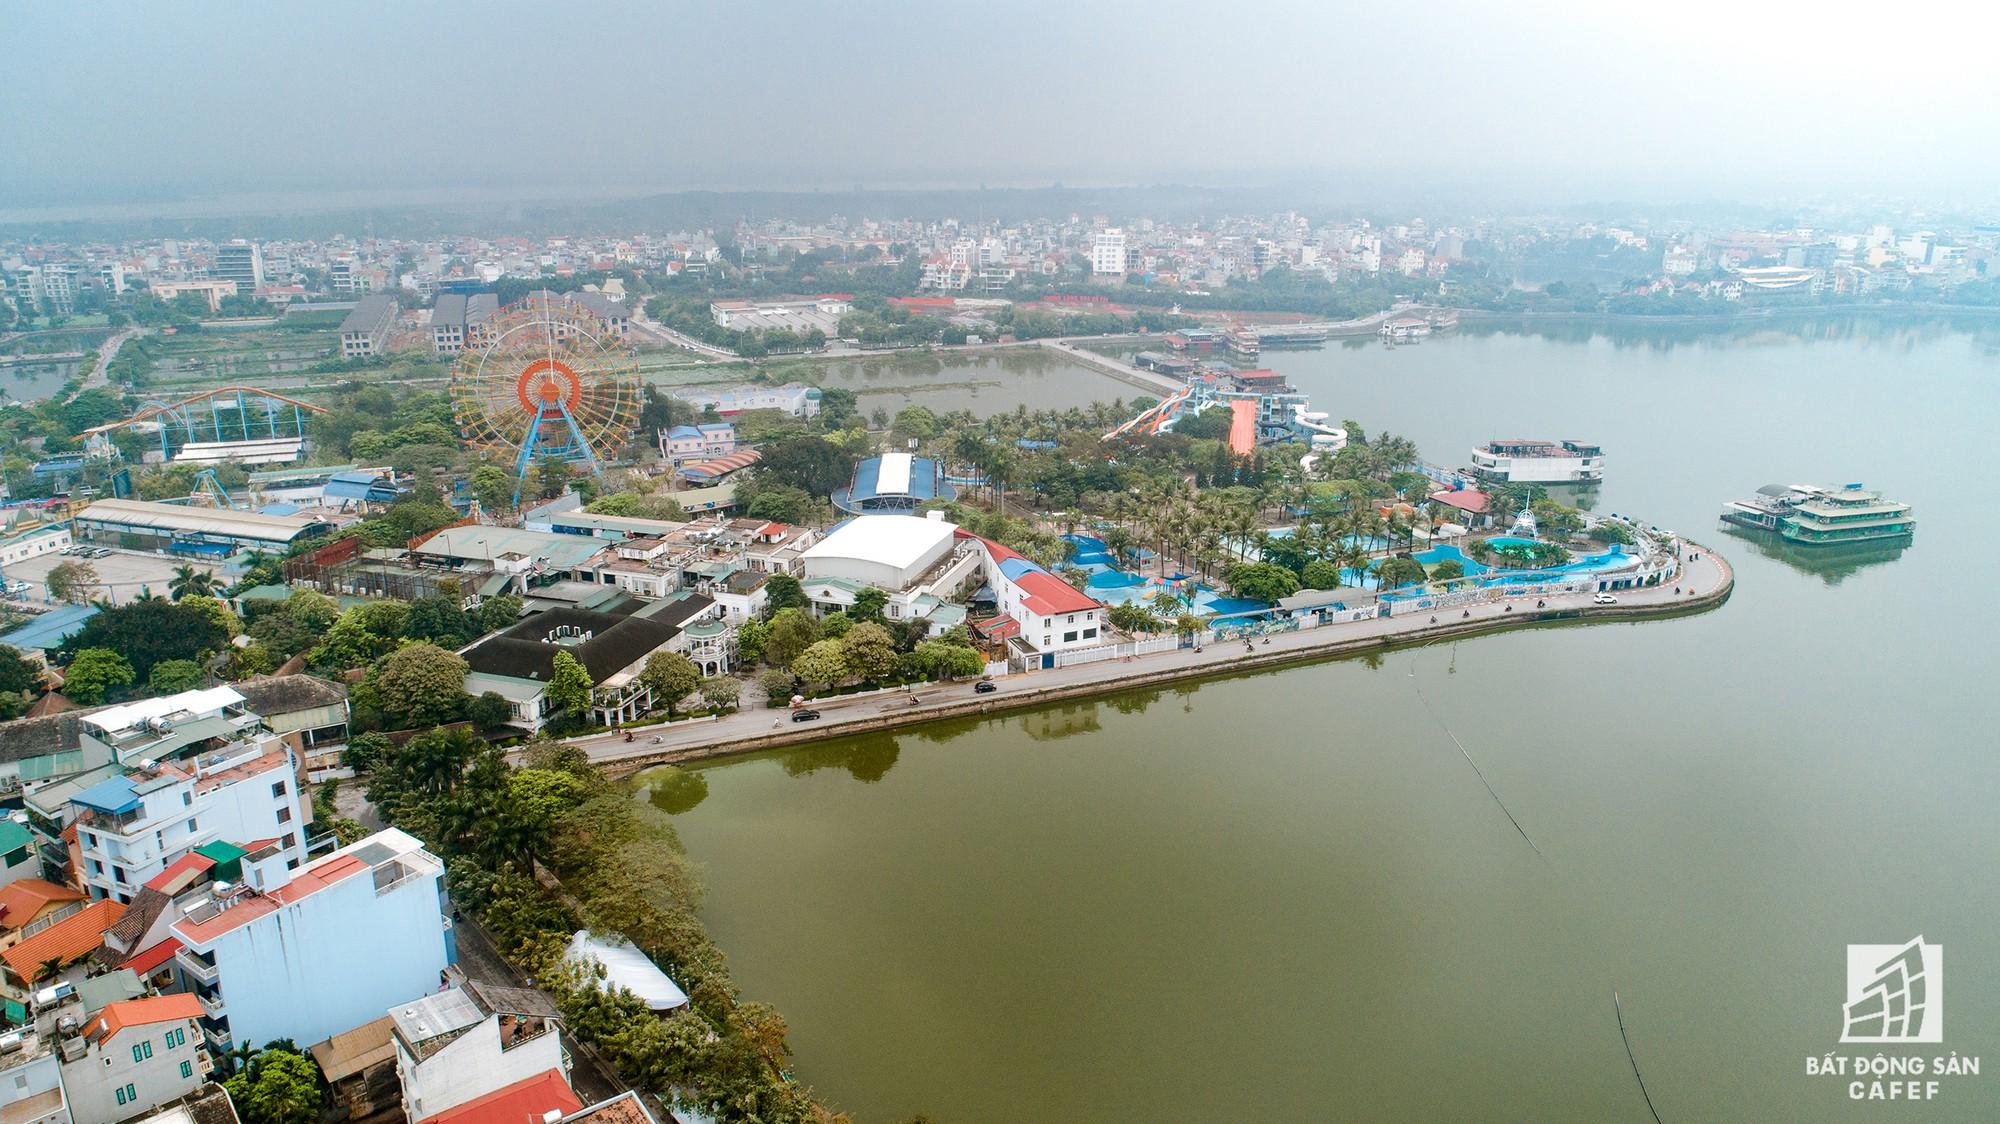 Cận cảnh hàng loạt dự án cao ốc dọc trục đường 8 làn xe tại trung tâm Hà Nội - Ảnh 10.